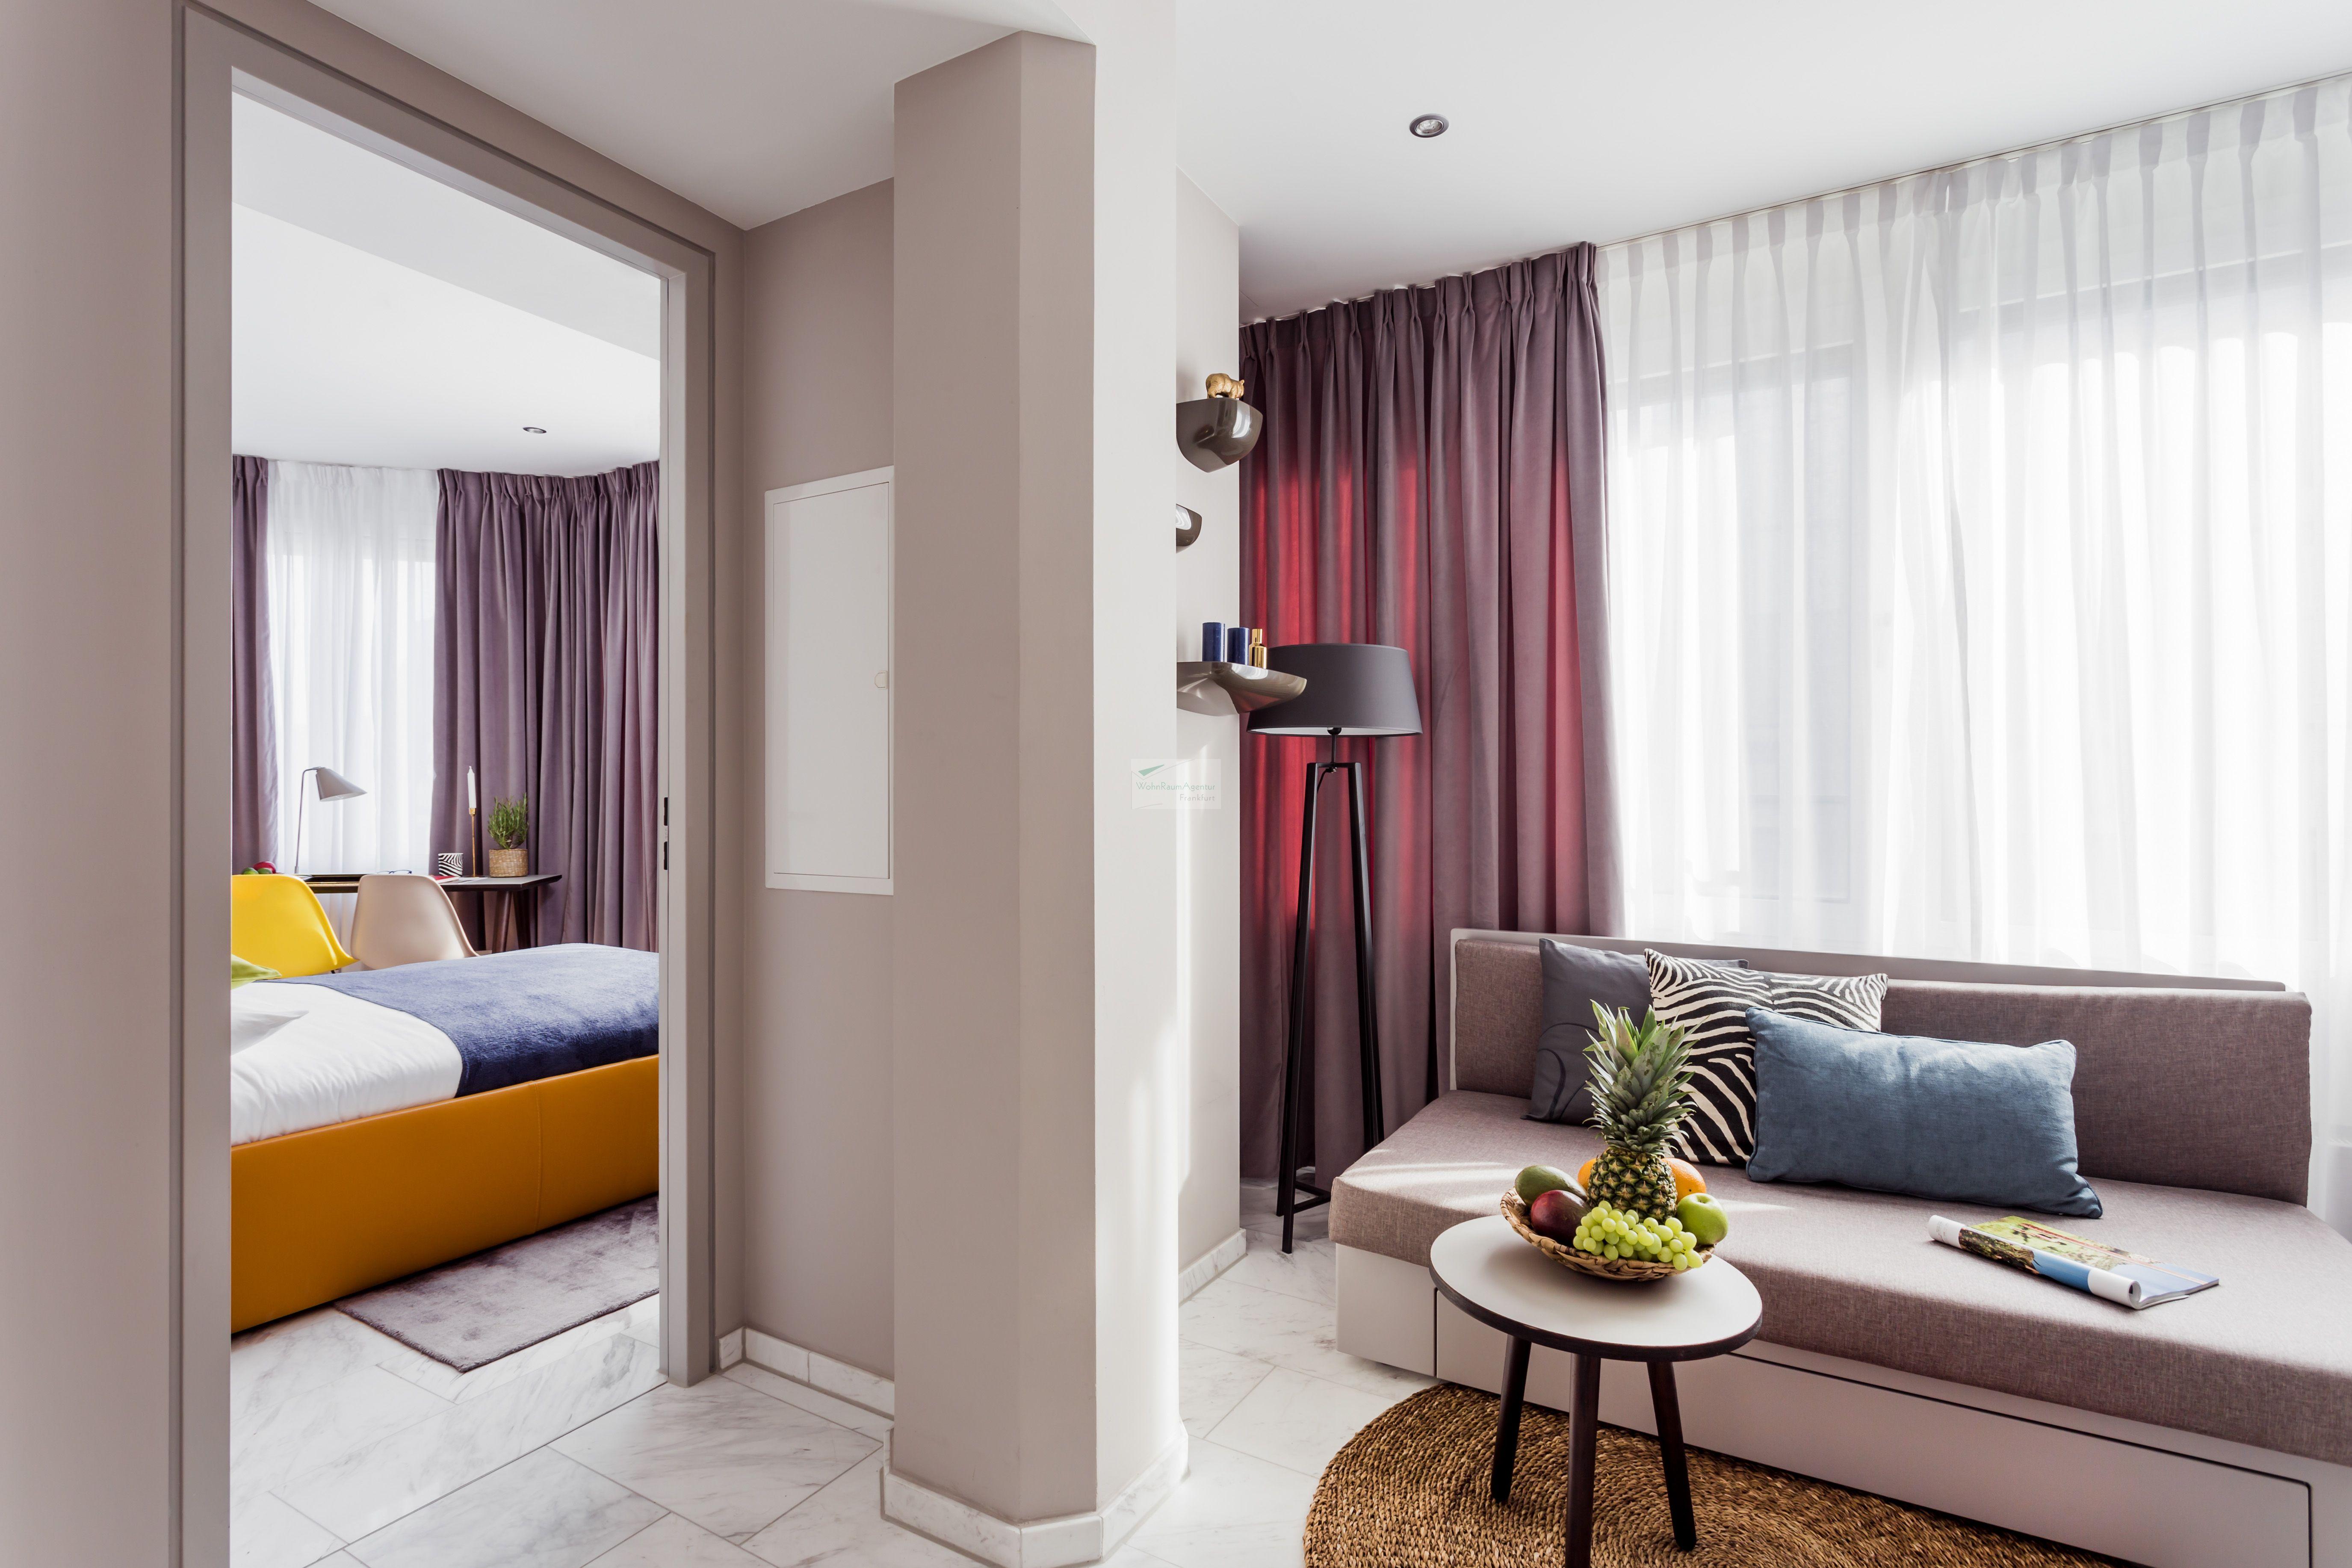 frankfurt innenstadt 2 zimmer wohnung 4833 wohnraumagentur. Black Bedroom Furniture Sets. Home Design Ideas